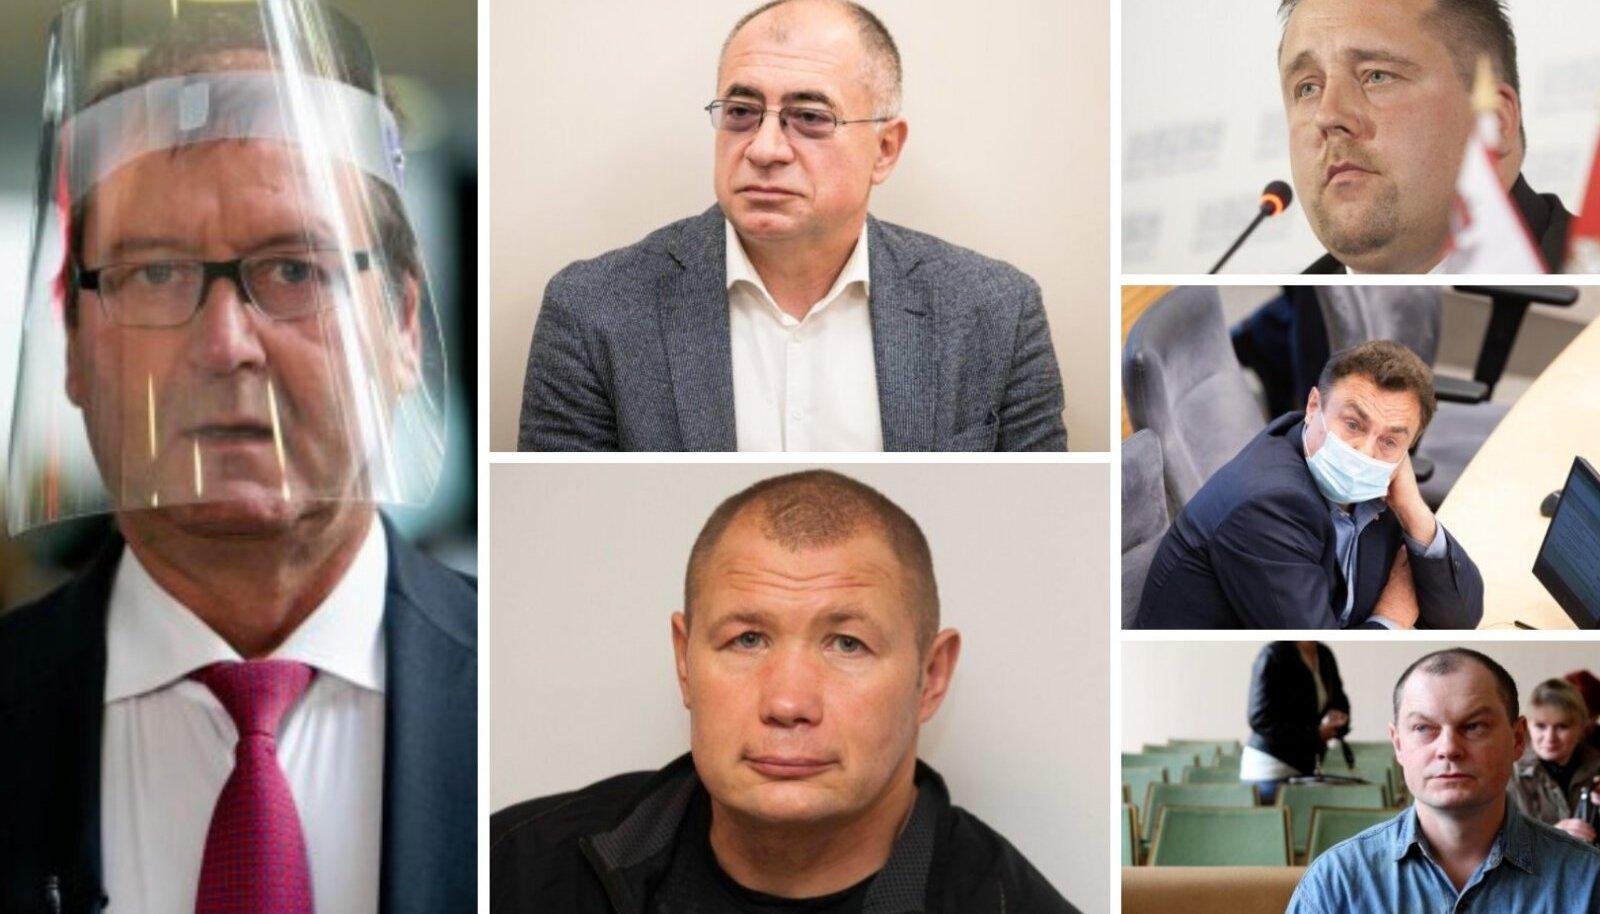 Leedu hiljutistelt rahutuselt võtsid osa nii mitmekordselt vanglakaristust kandnud inimesed kui ka kahtlaste asjaajamistega poliitikud.